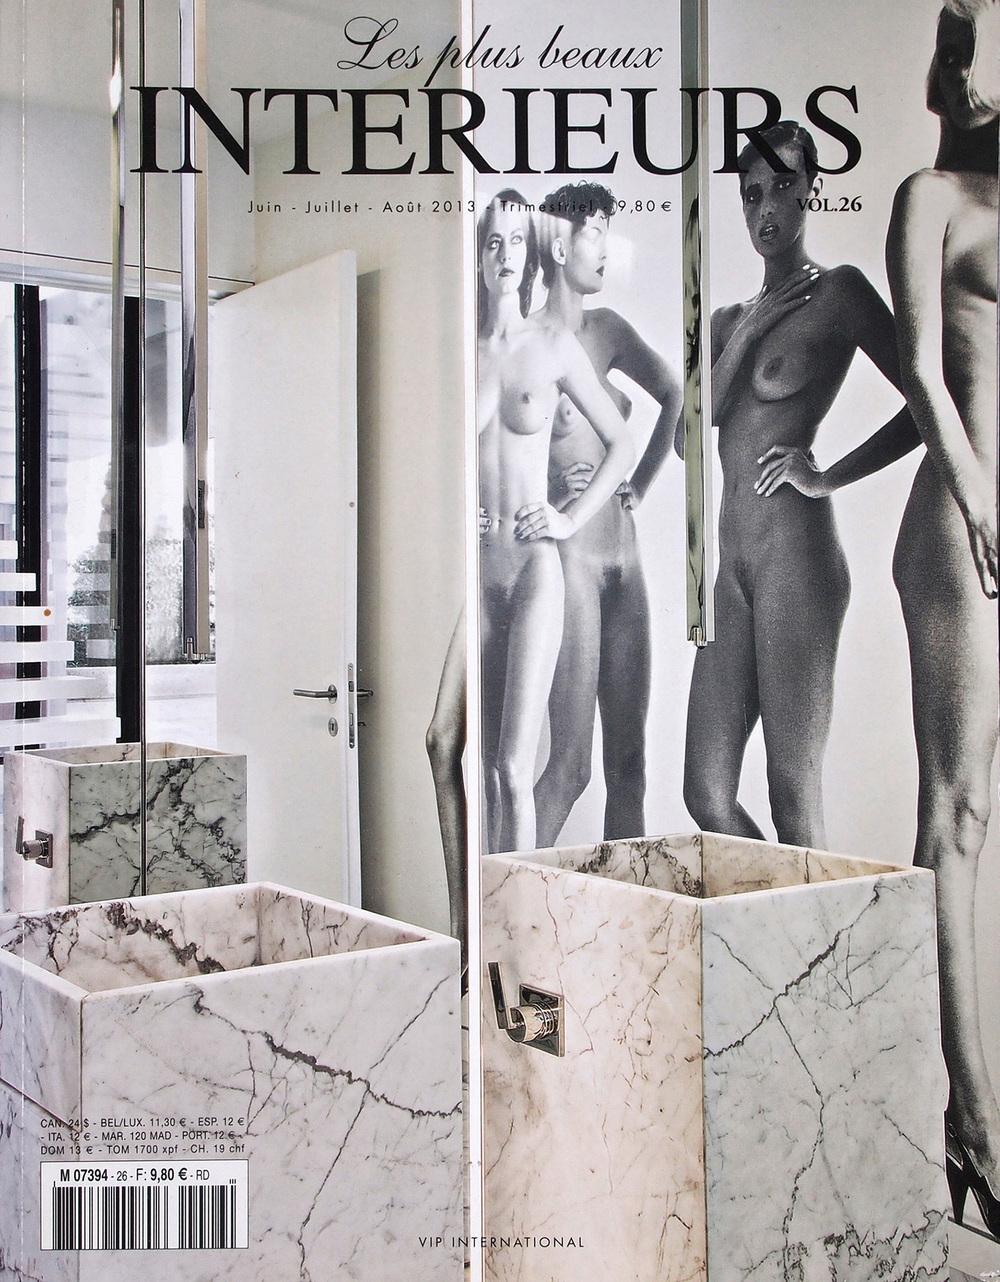 interieurs_okladka.jpg